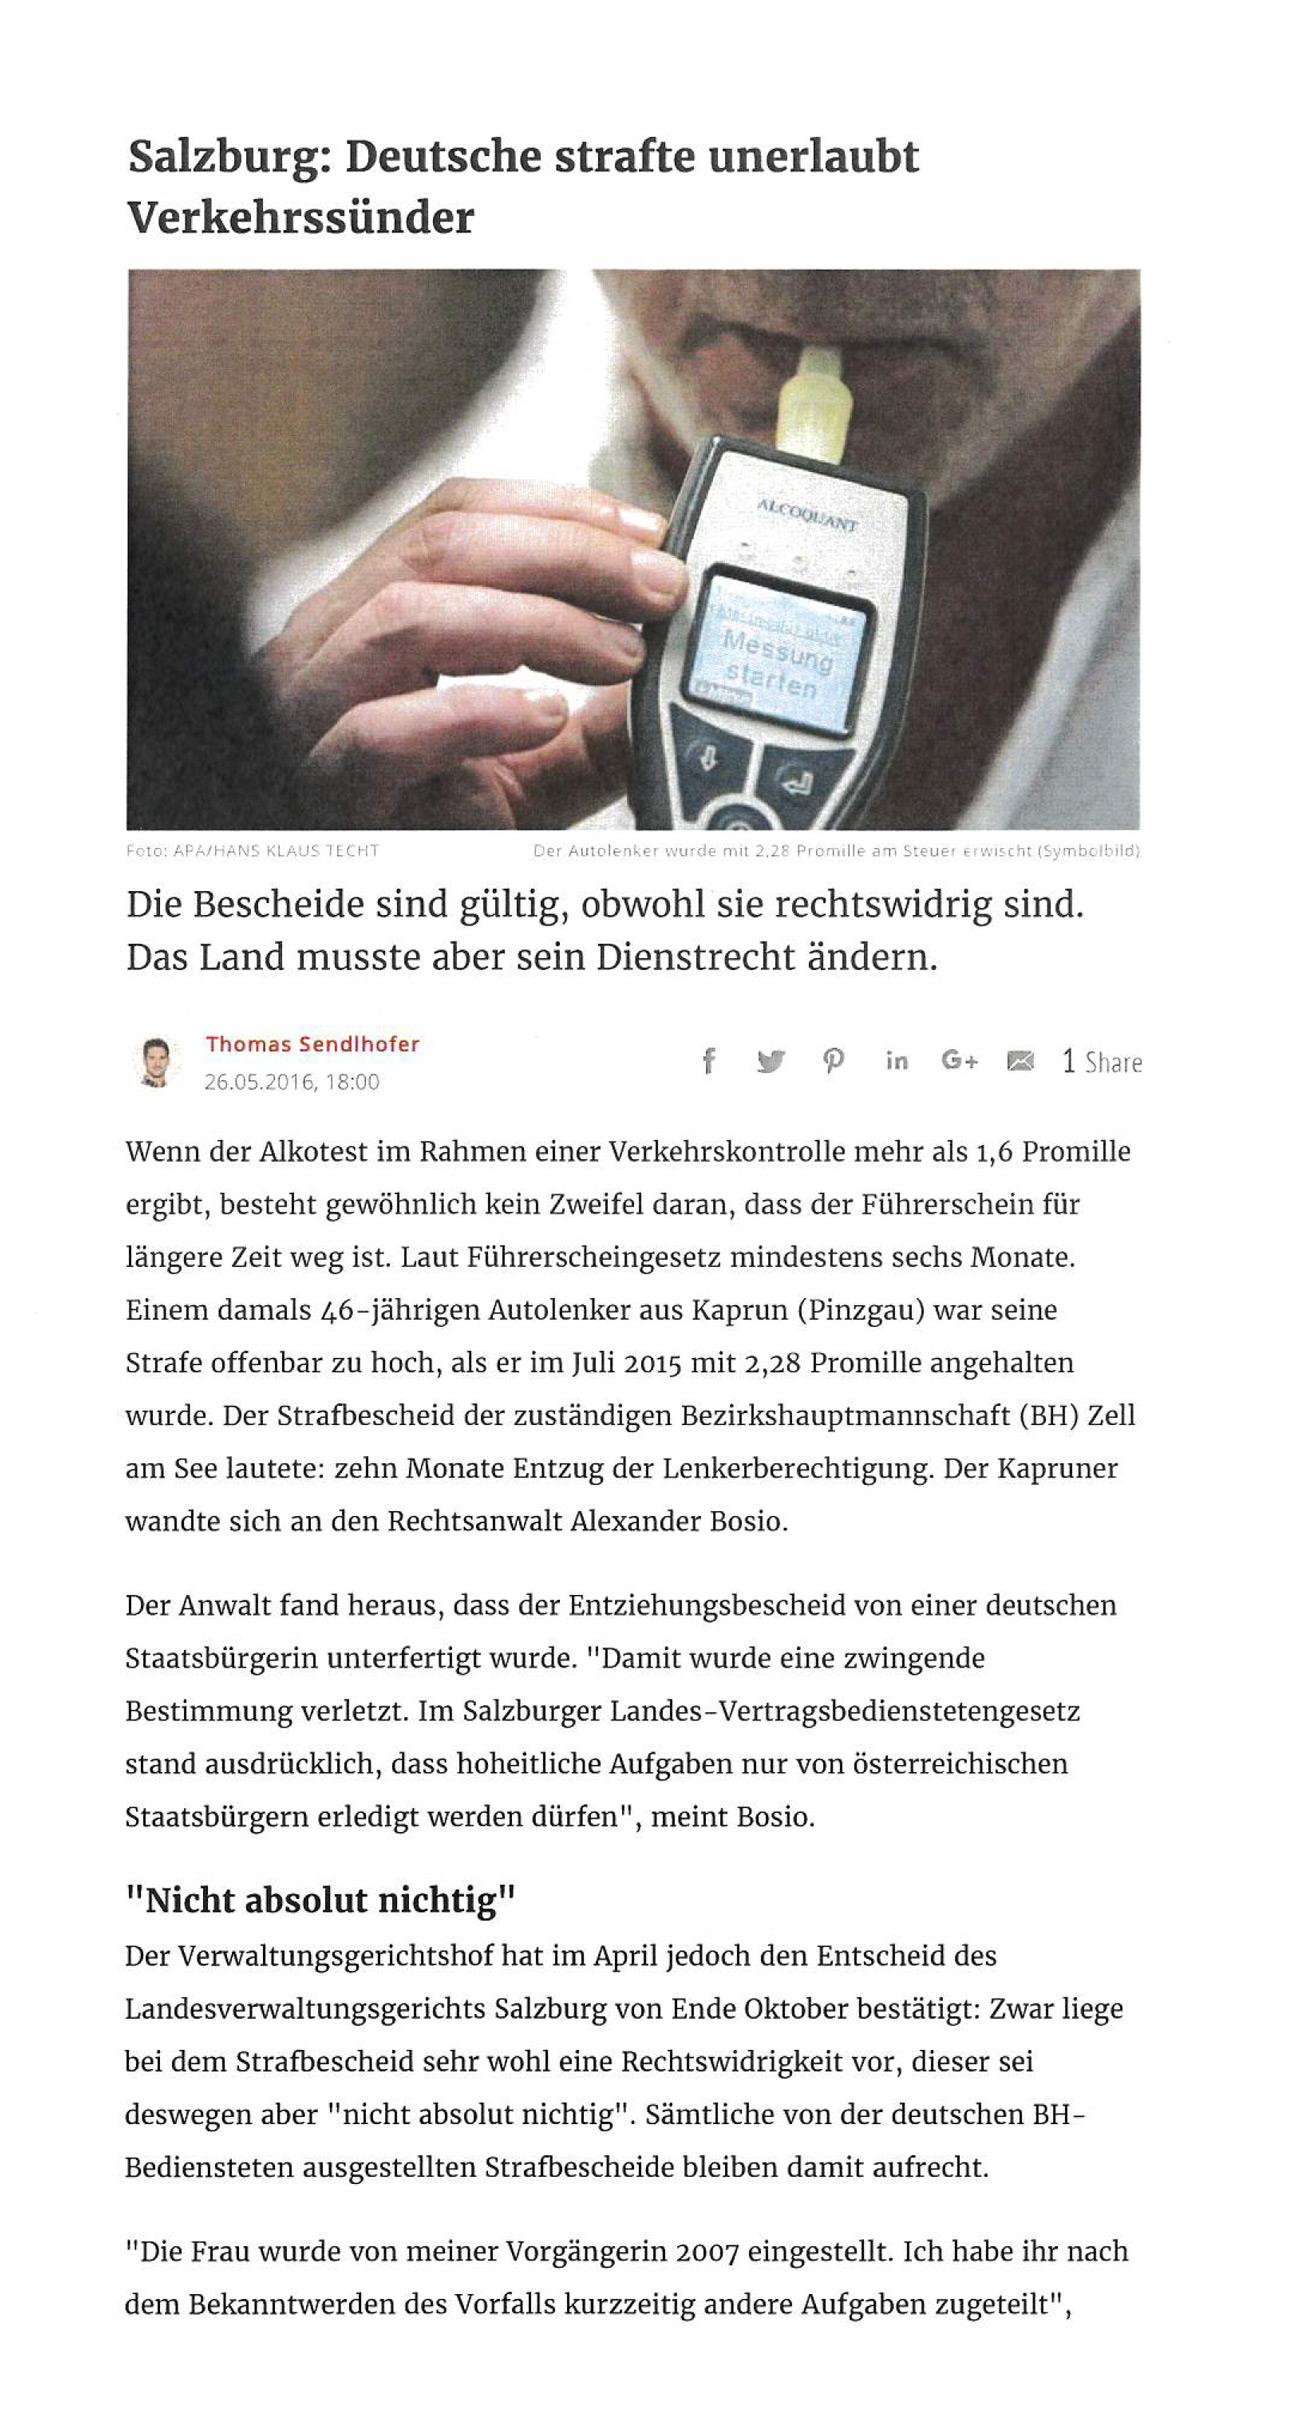 """Kurier"""" 26.07.2016 """"Deutsche strafte unerlaubt Verkehrssünder"""